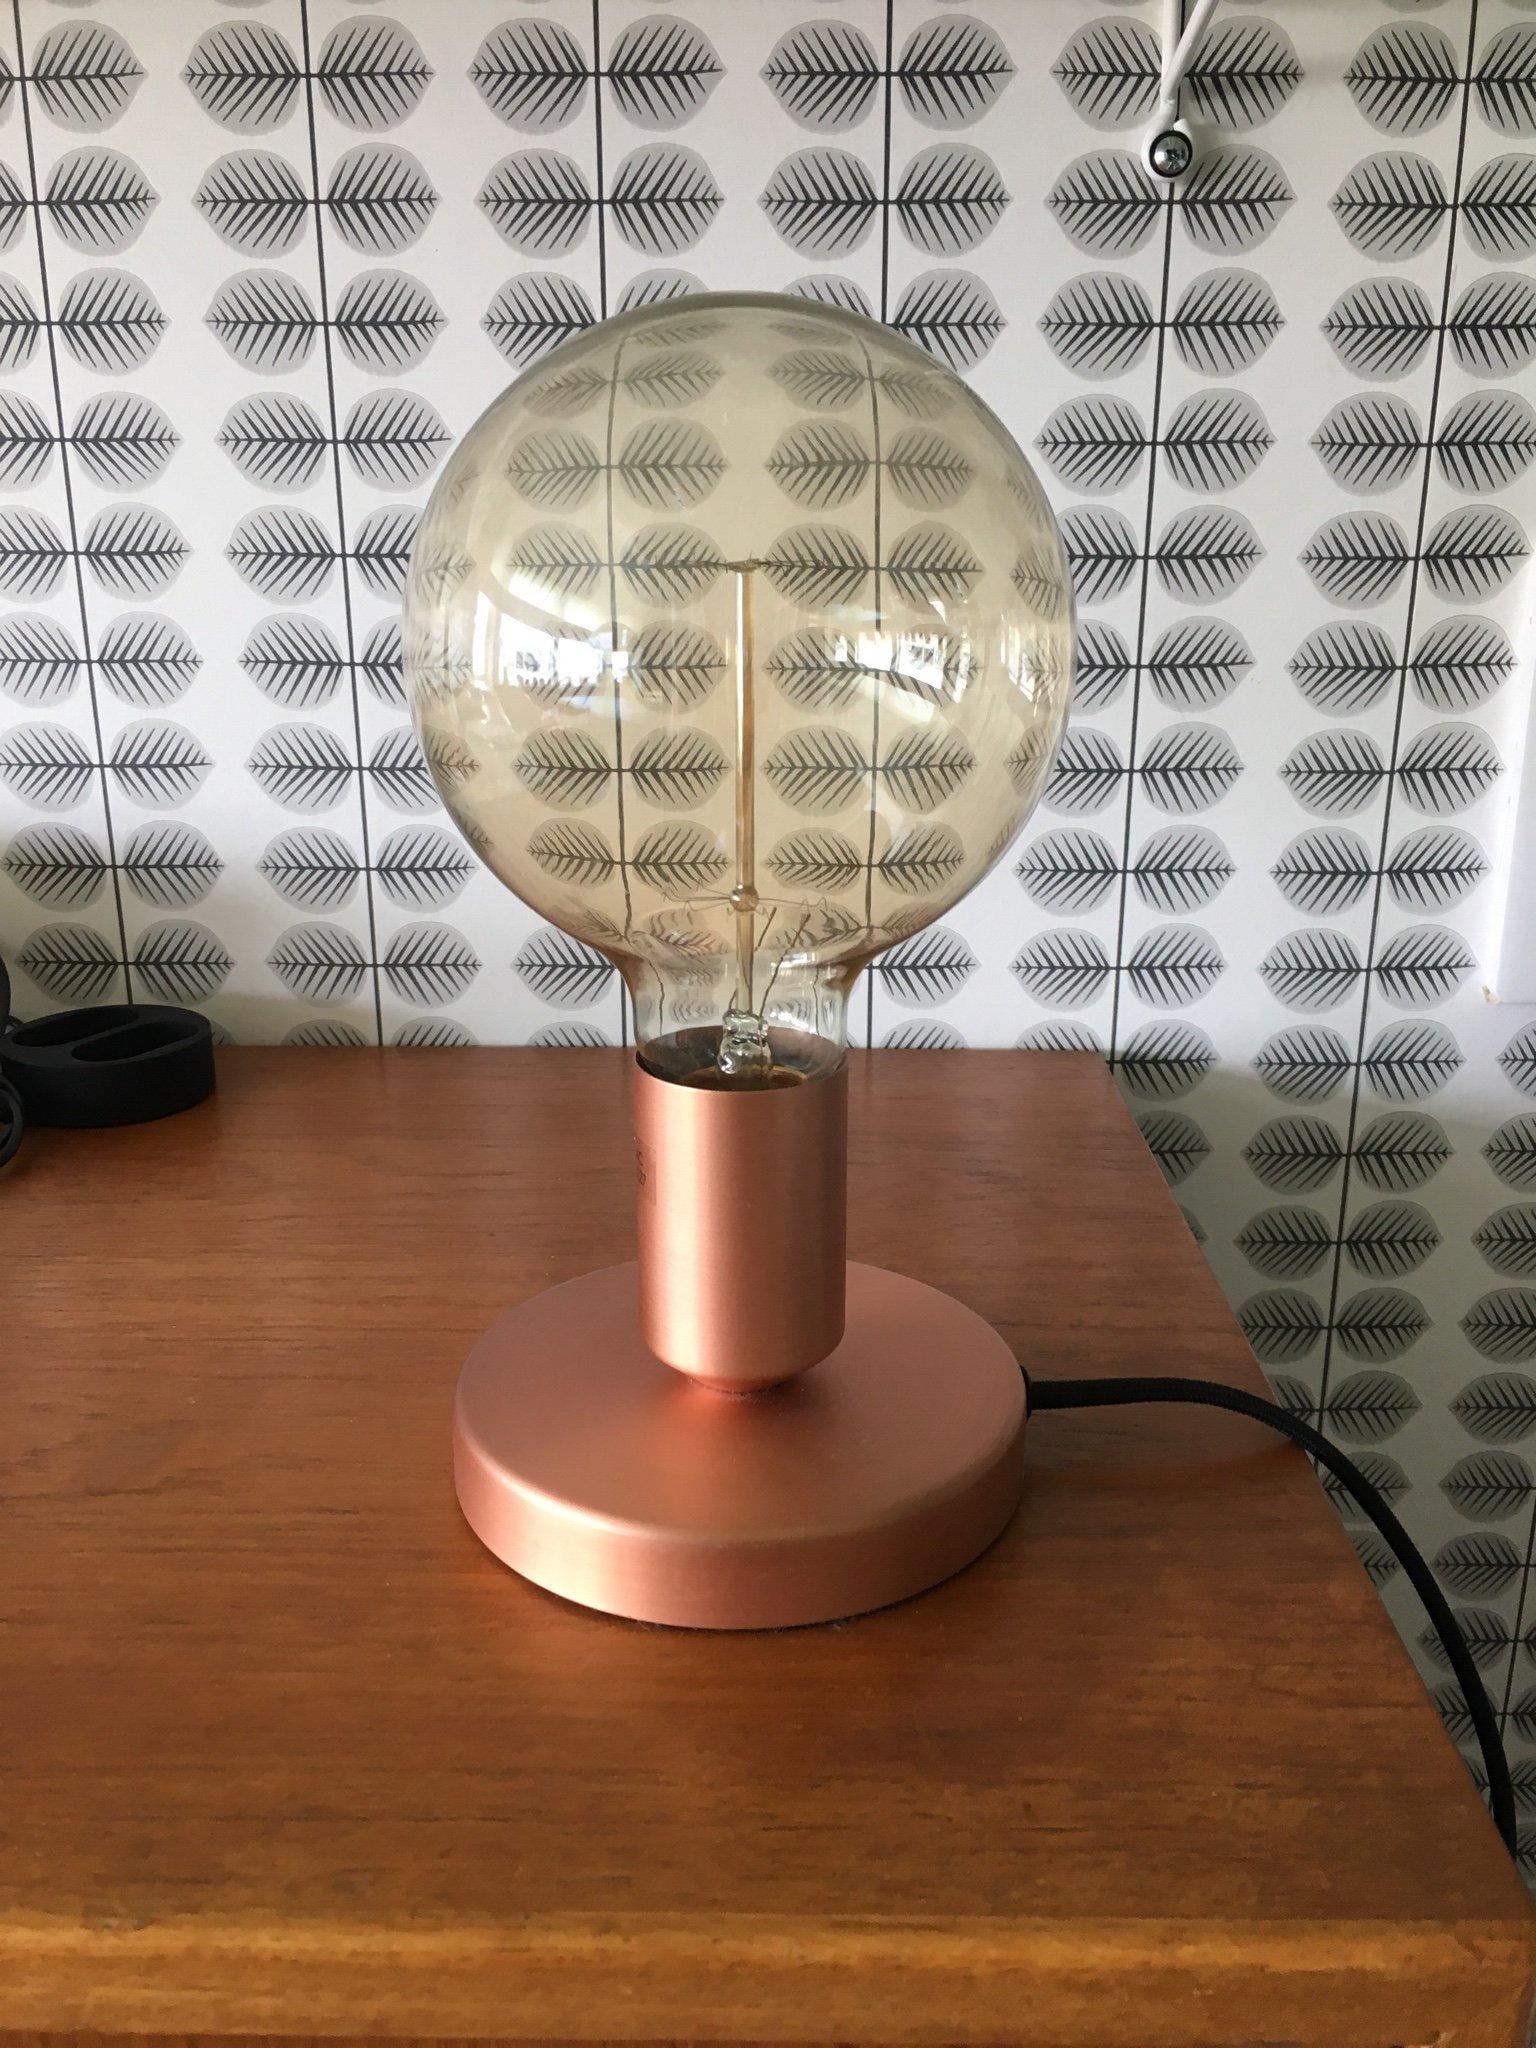 Omtalade Lampfot lampa Northlight Clas Ohlson (352665185) ᐈ Köp på Tradera BS-84